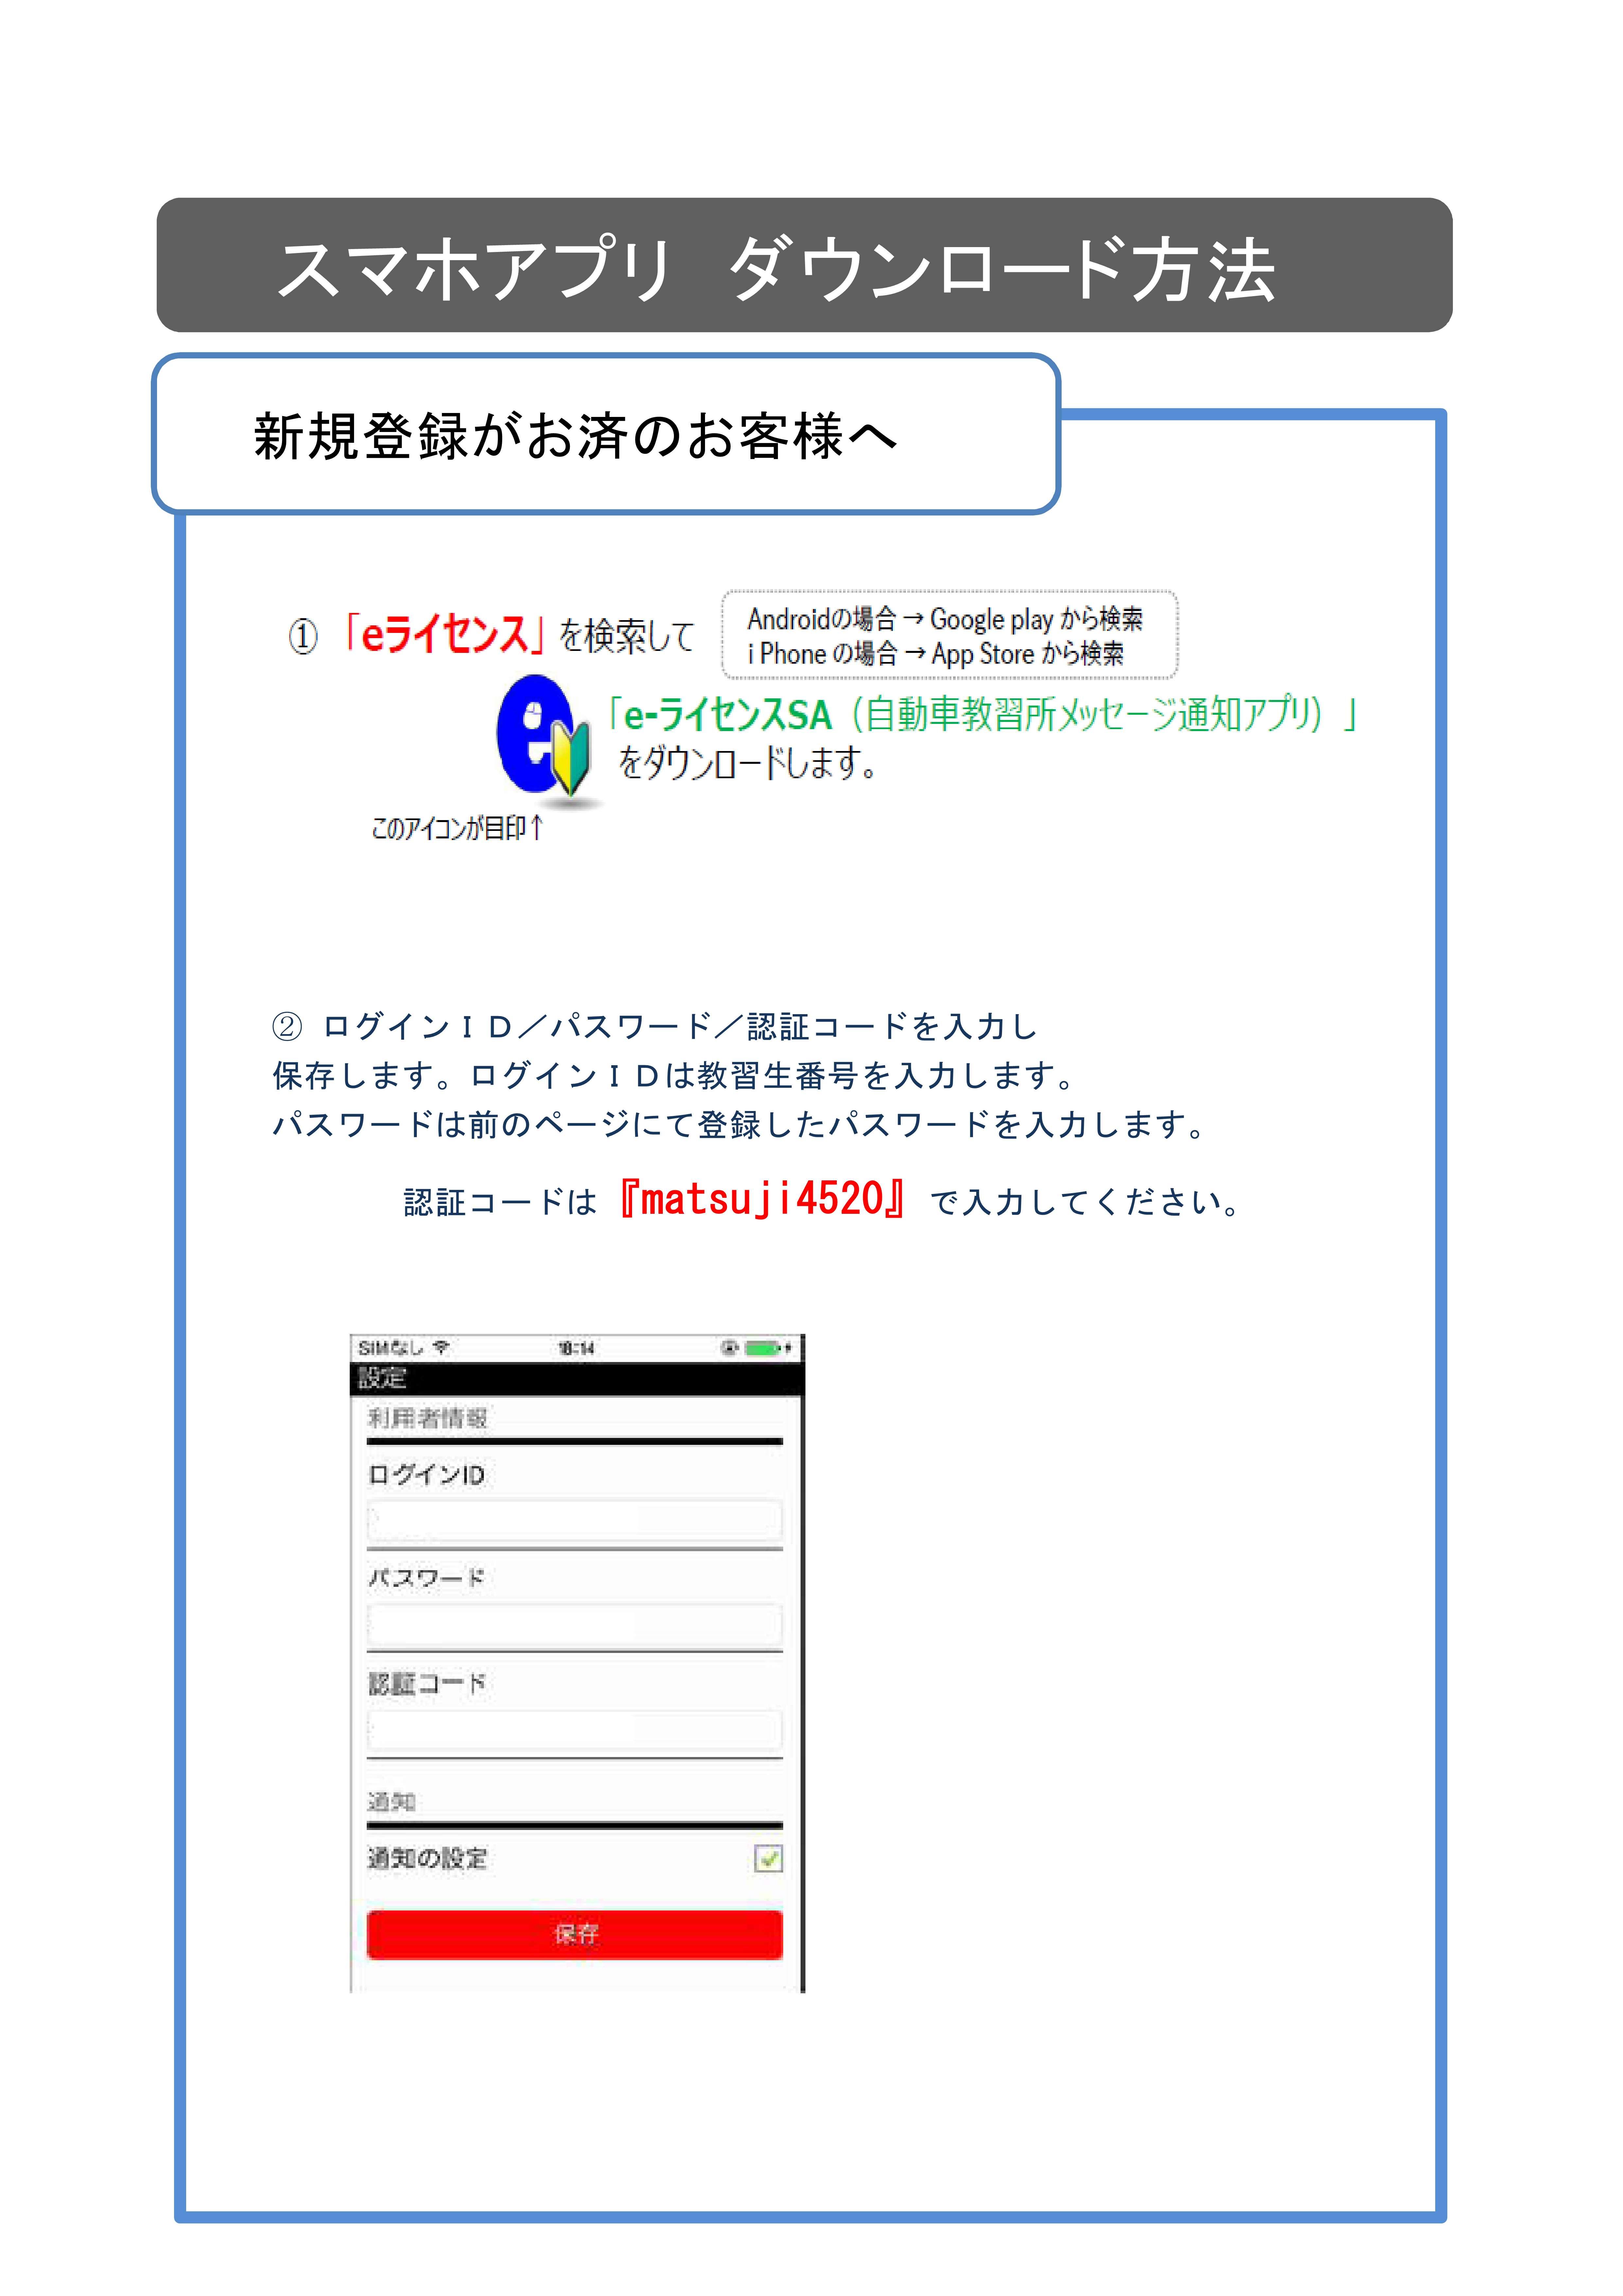 【松田】掲示用_スマホアプリガイダンス_2